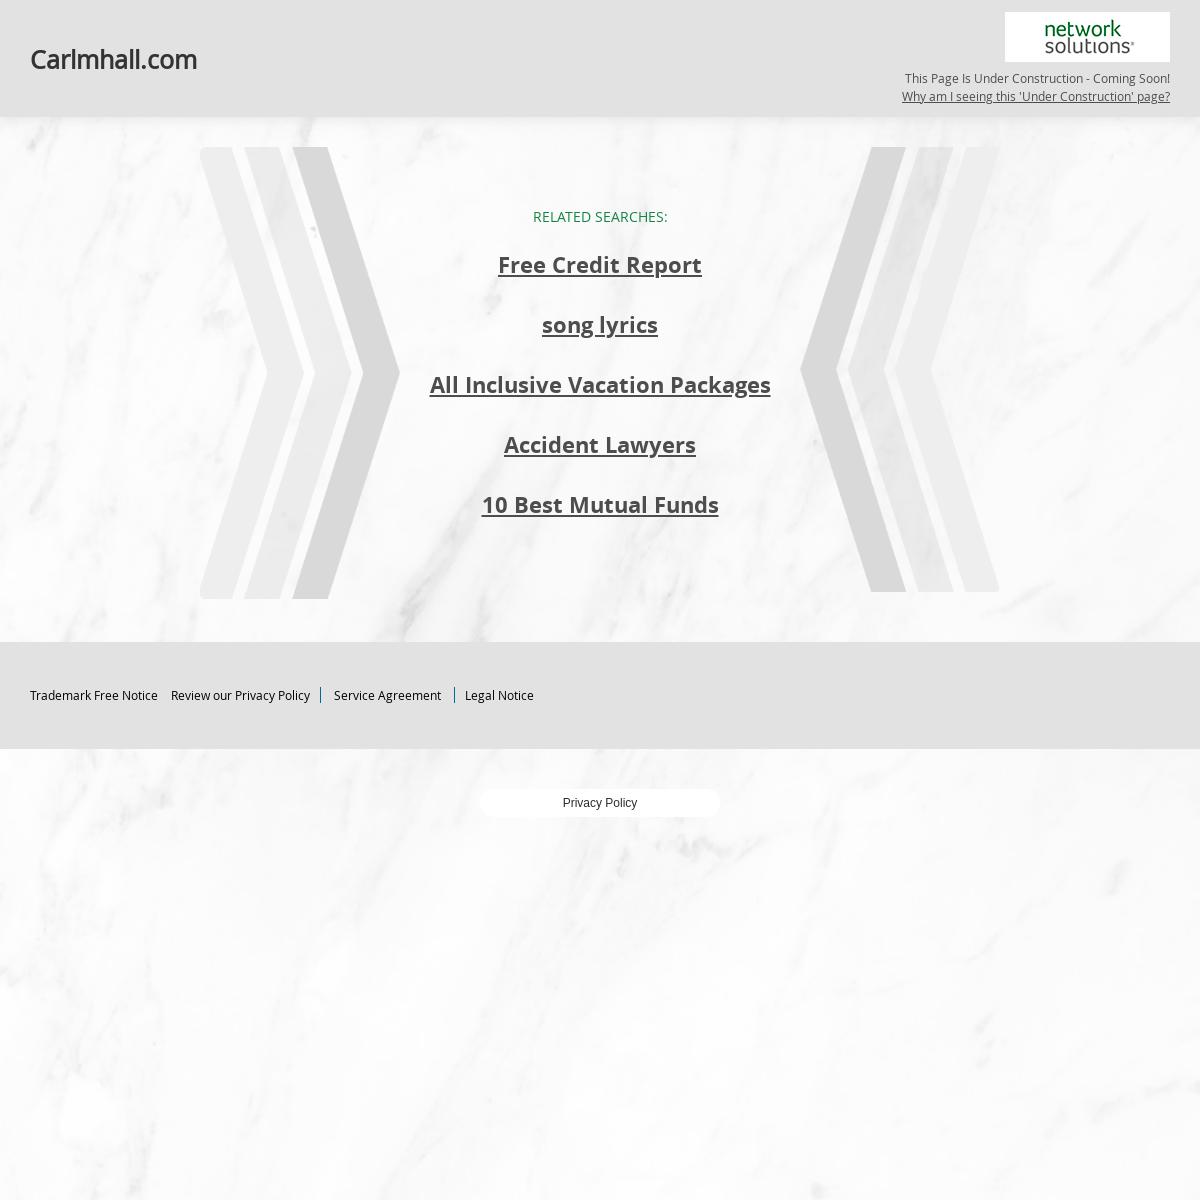 Carlmhall.com